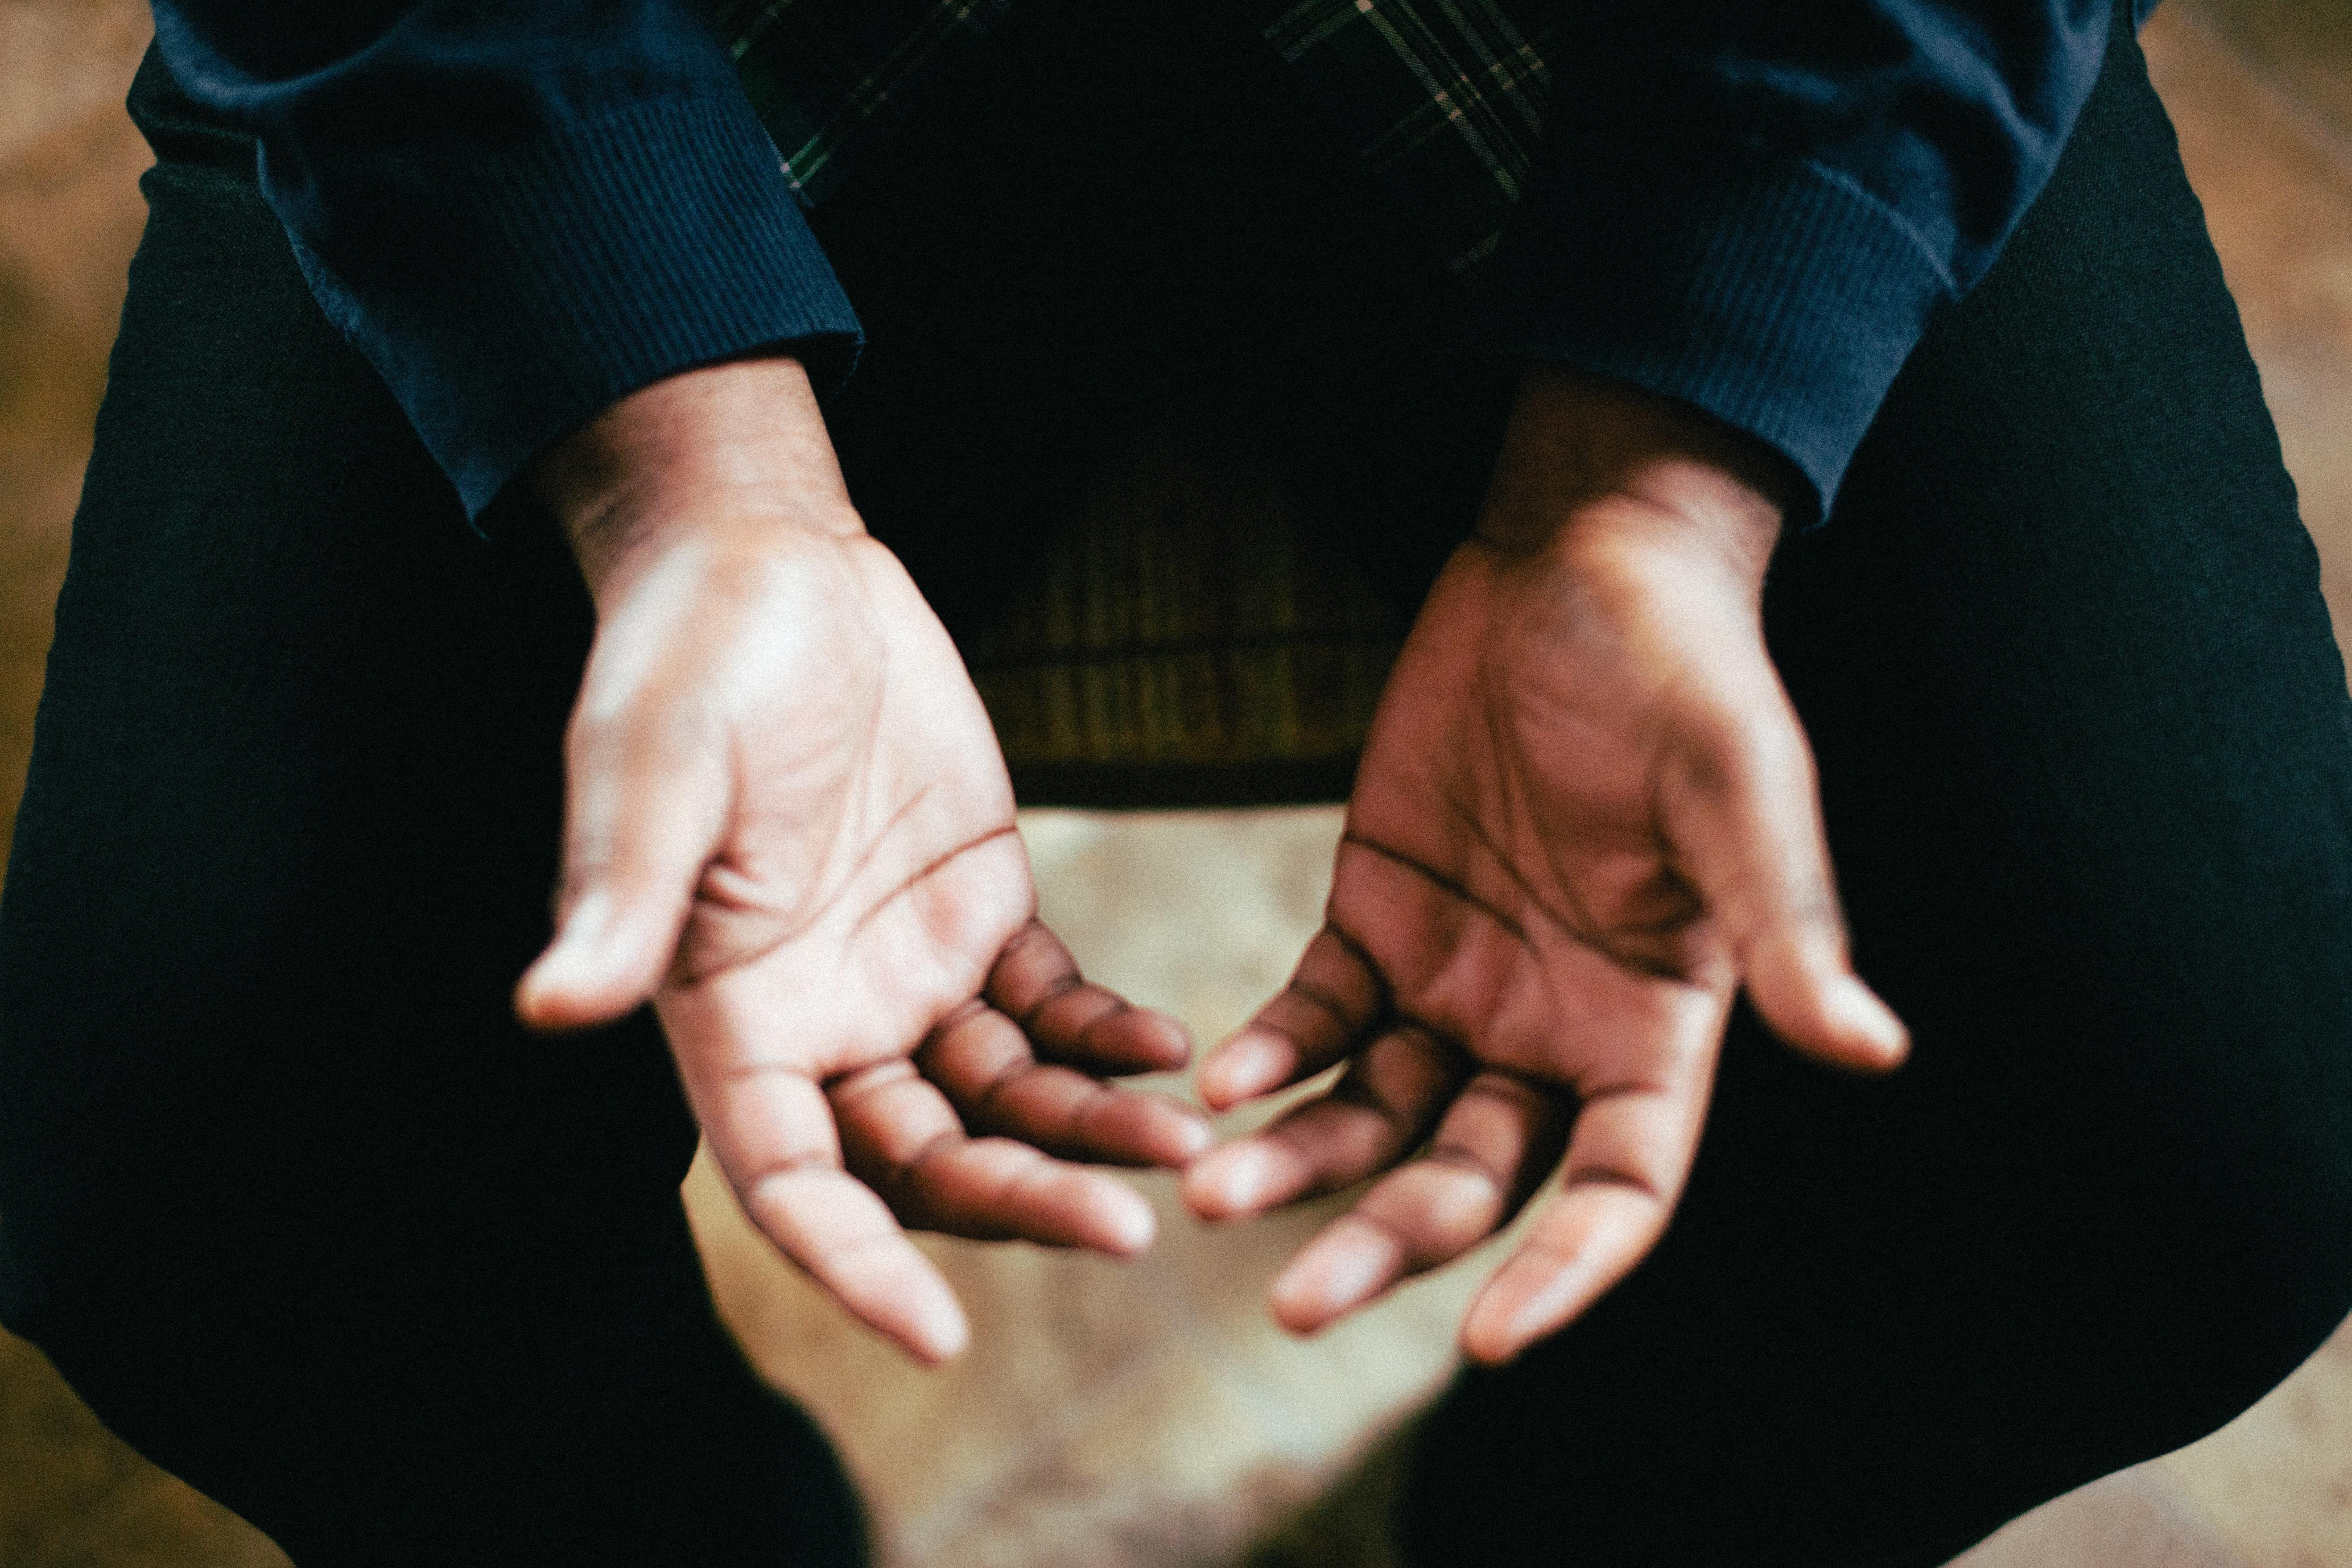 jeremy-yap-prayer-hands-unsplash